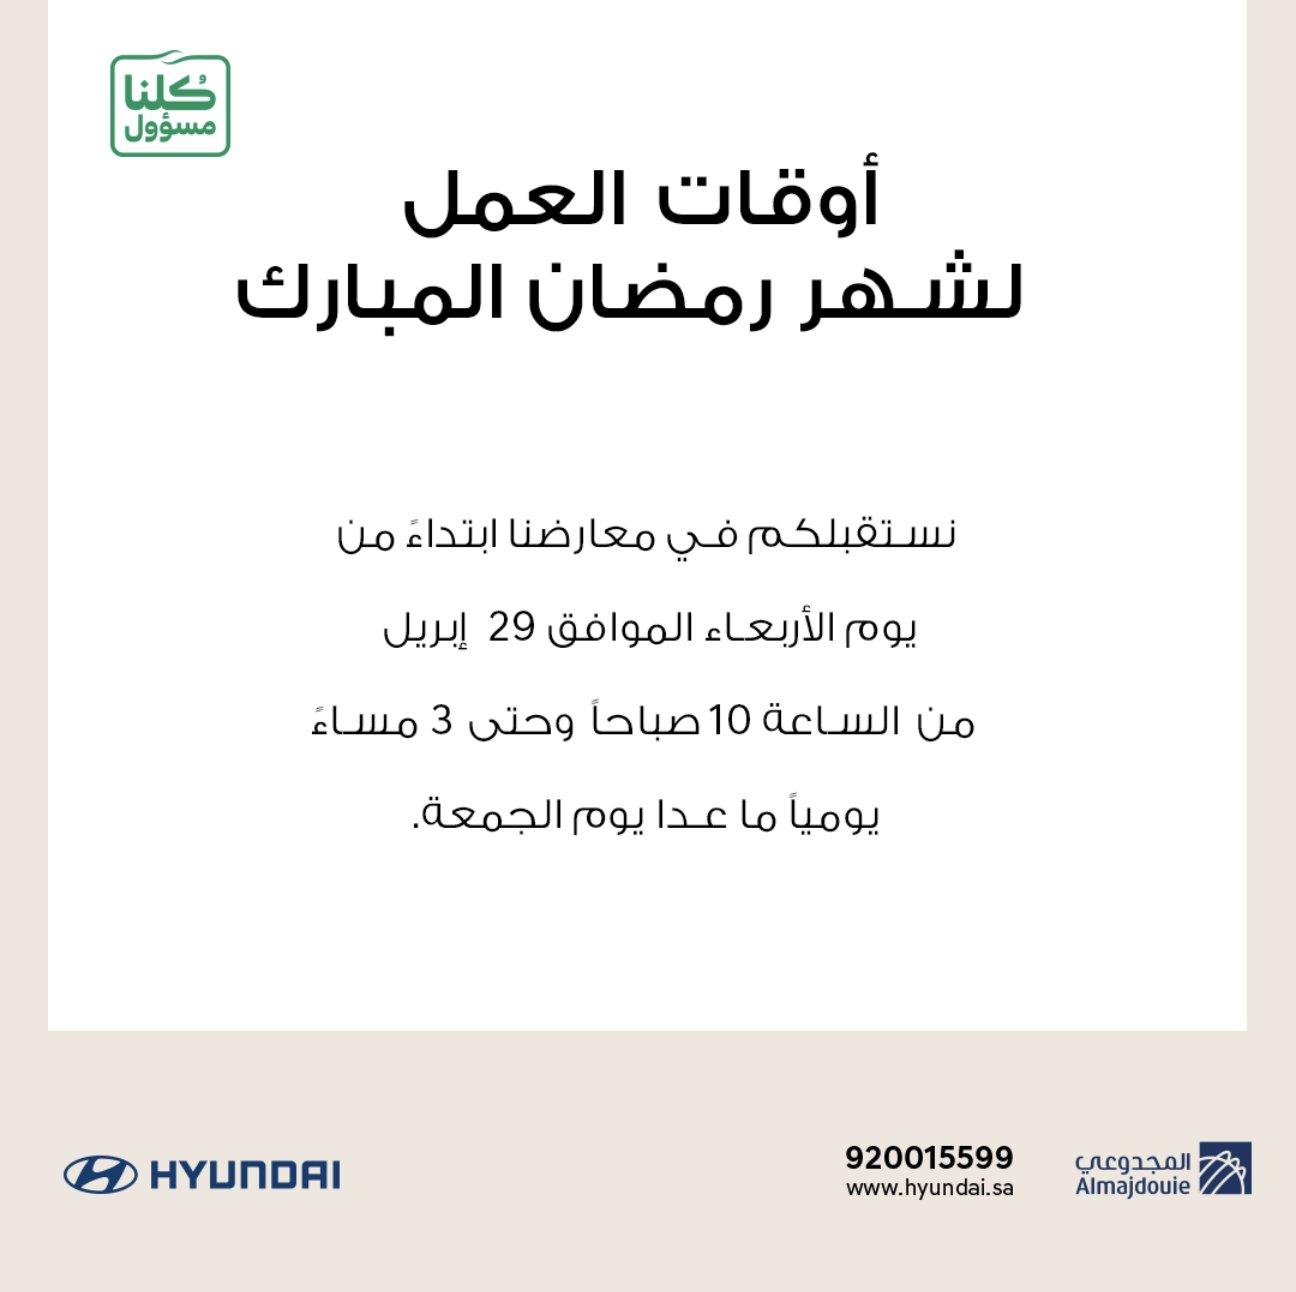 شركات سيارات سعودية تعلن تعديل مواعيد العمل في رمضان السيارات الموقع العربي الأول للسيارات